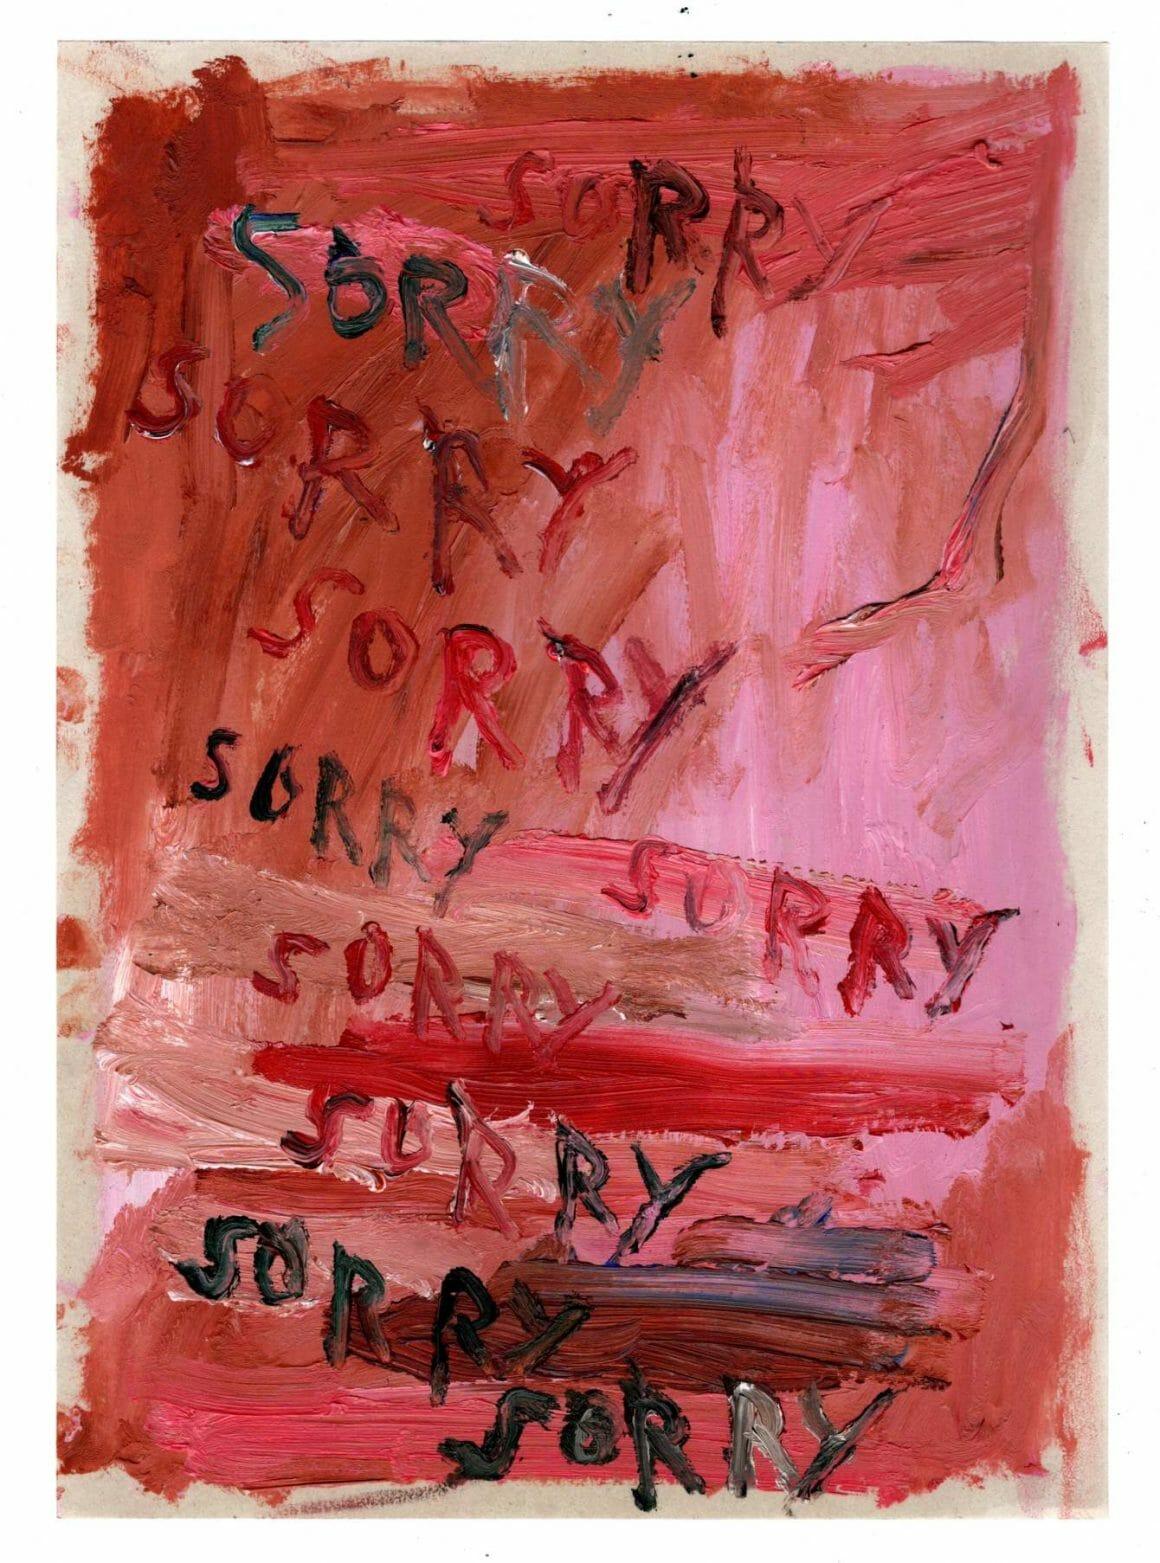 Découverte de la peinture de Daisy Parris sorry sorry sorry